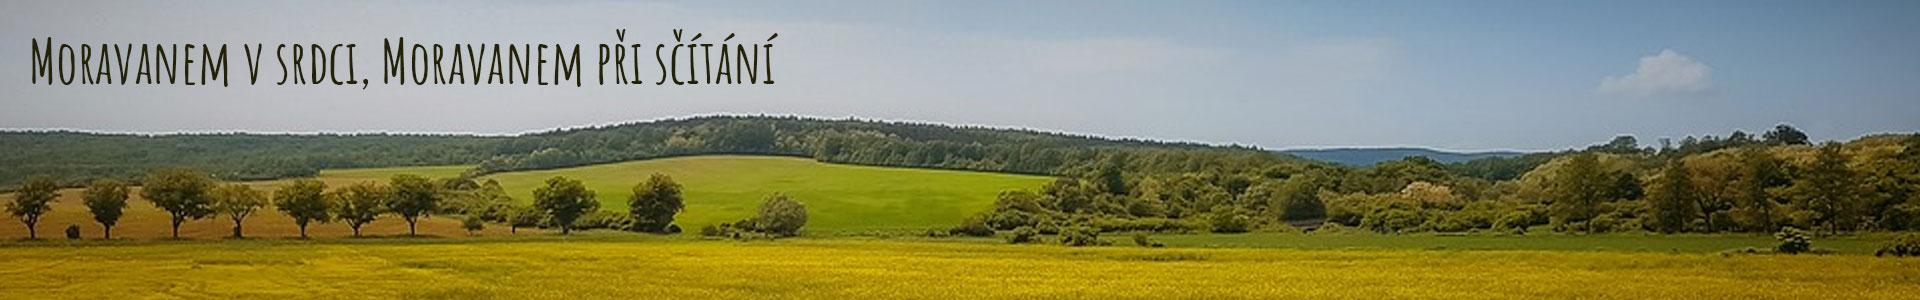 Moravskýnárod-Banner